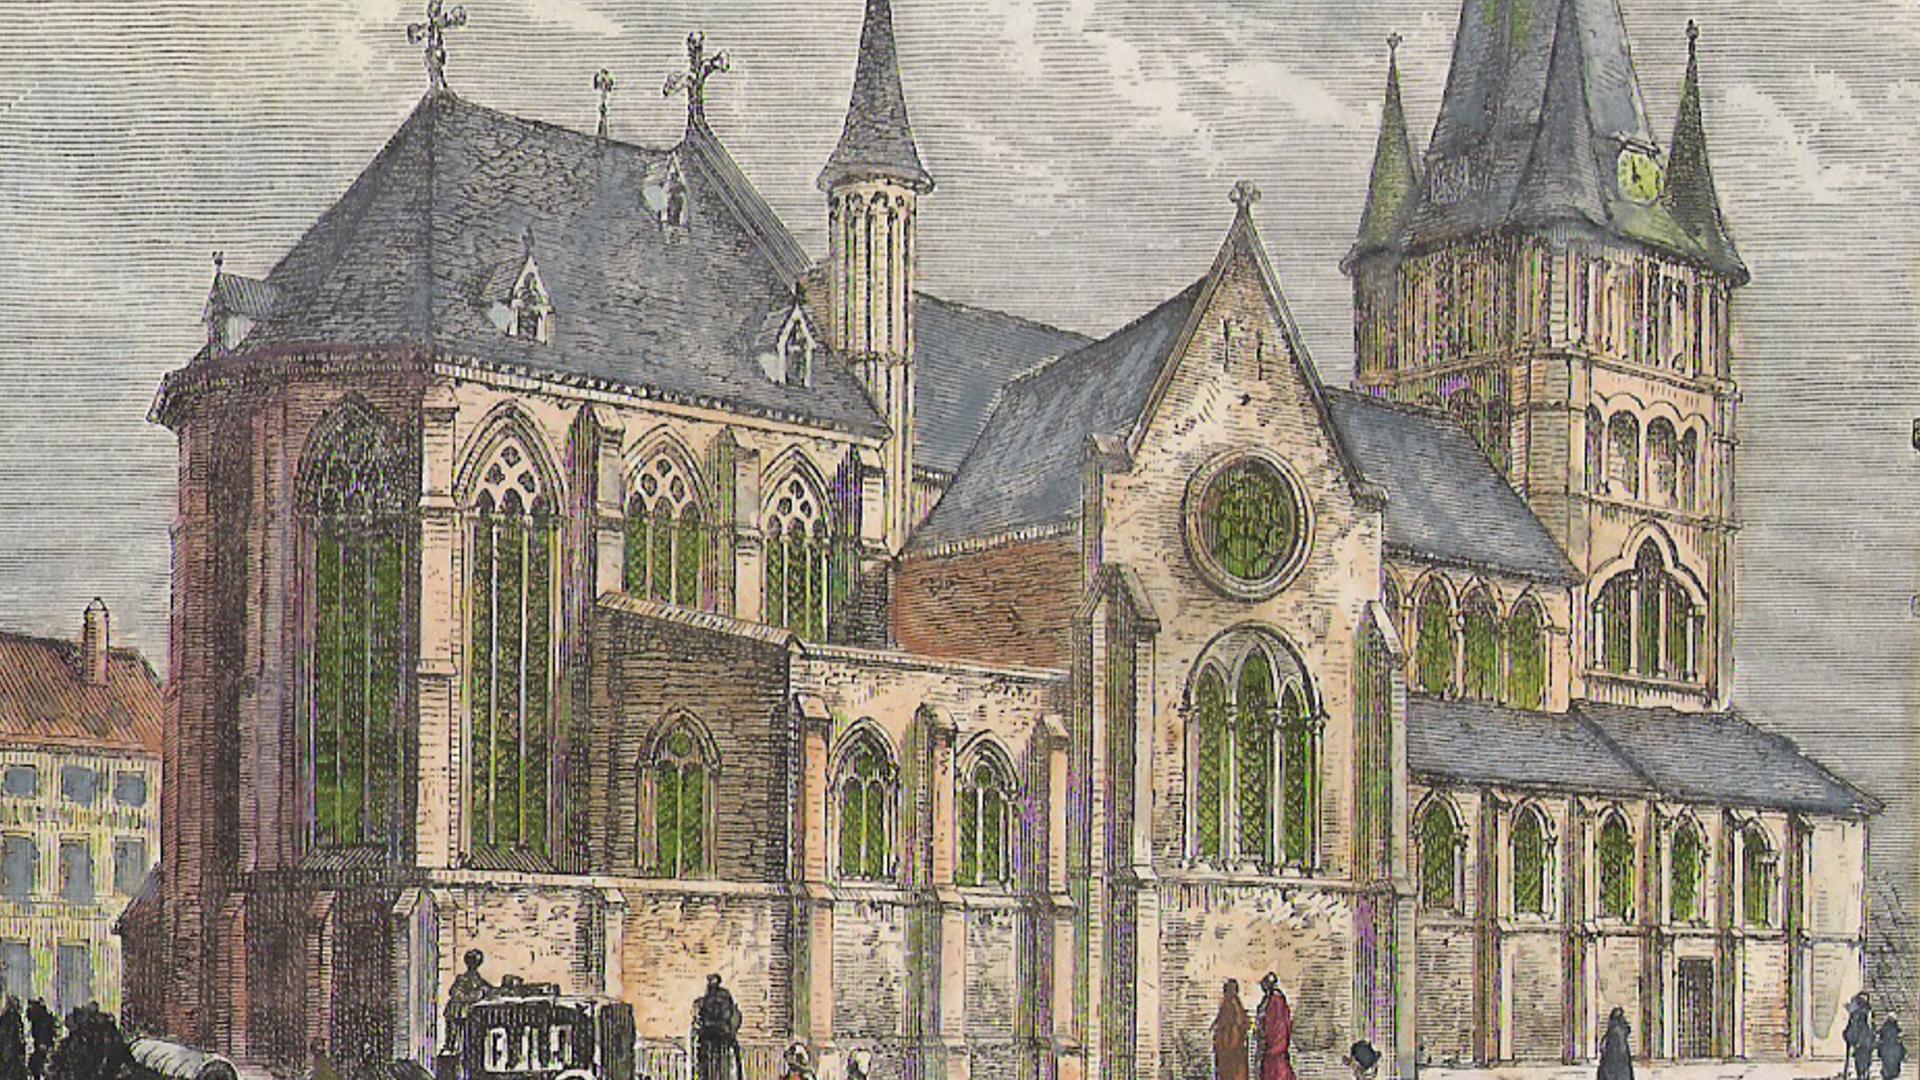 Cliquez ici pour en savoir plus sur Eglise St-Jacques à Tournai